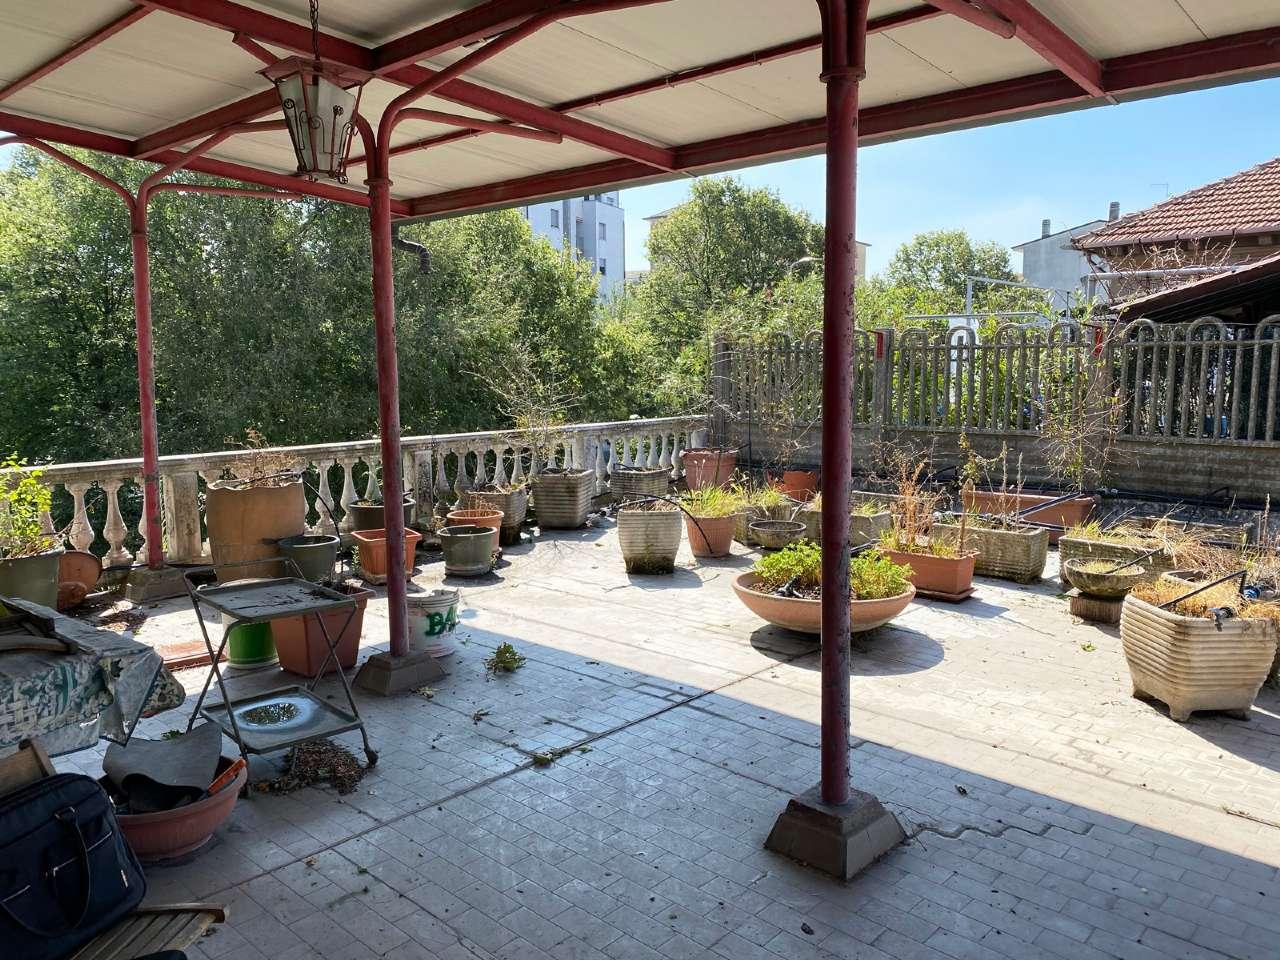 Appartamento in vendita a Cusano Milanino, 5 locali, prezzo € 340.000 | CambioCasa.it